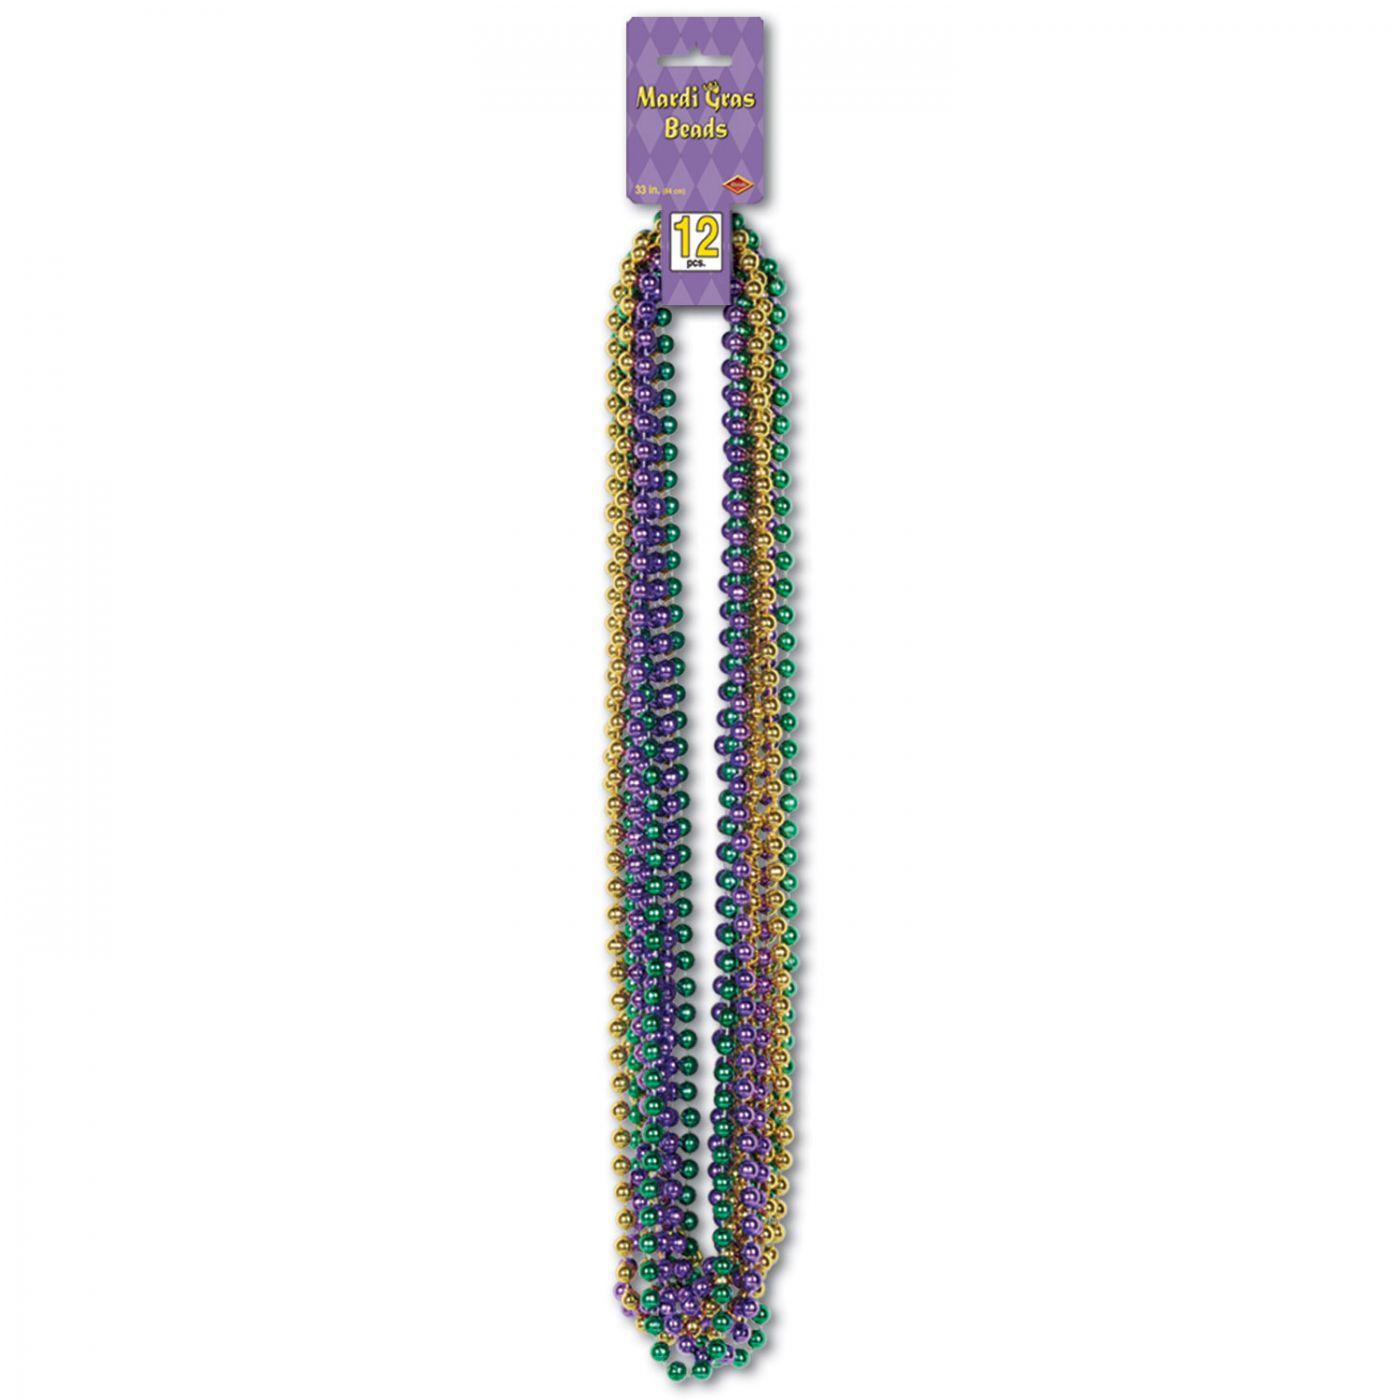 Mardi Gras Small Round Beads image